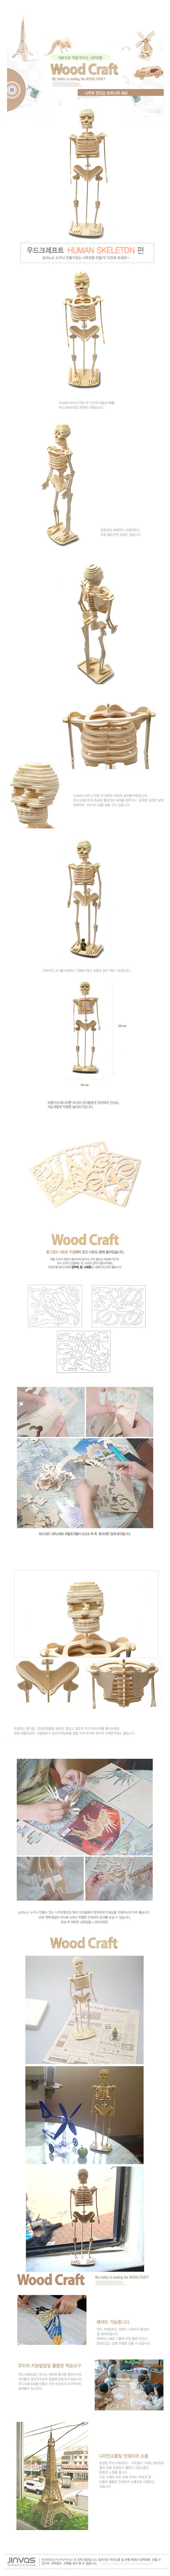 내손으로 직접 만드는 Wood Craft - HUMAN SKELETON 해골만들기 - 진바스, 3,500원, 조각/퍼즐, 우드퍼즐